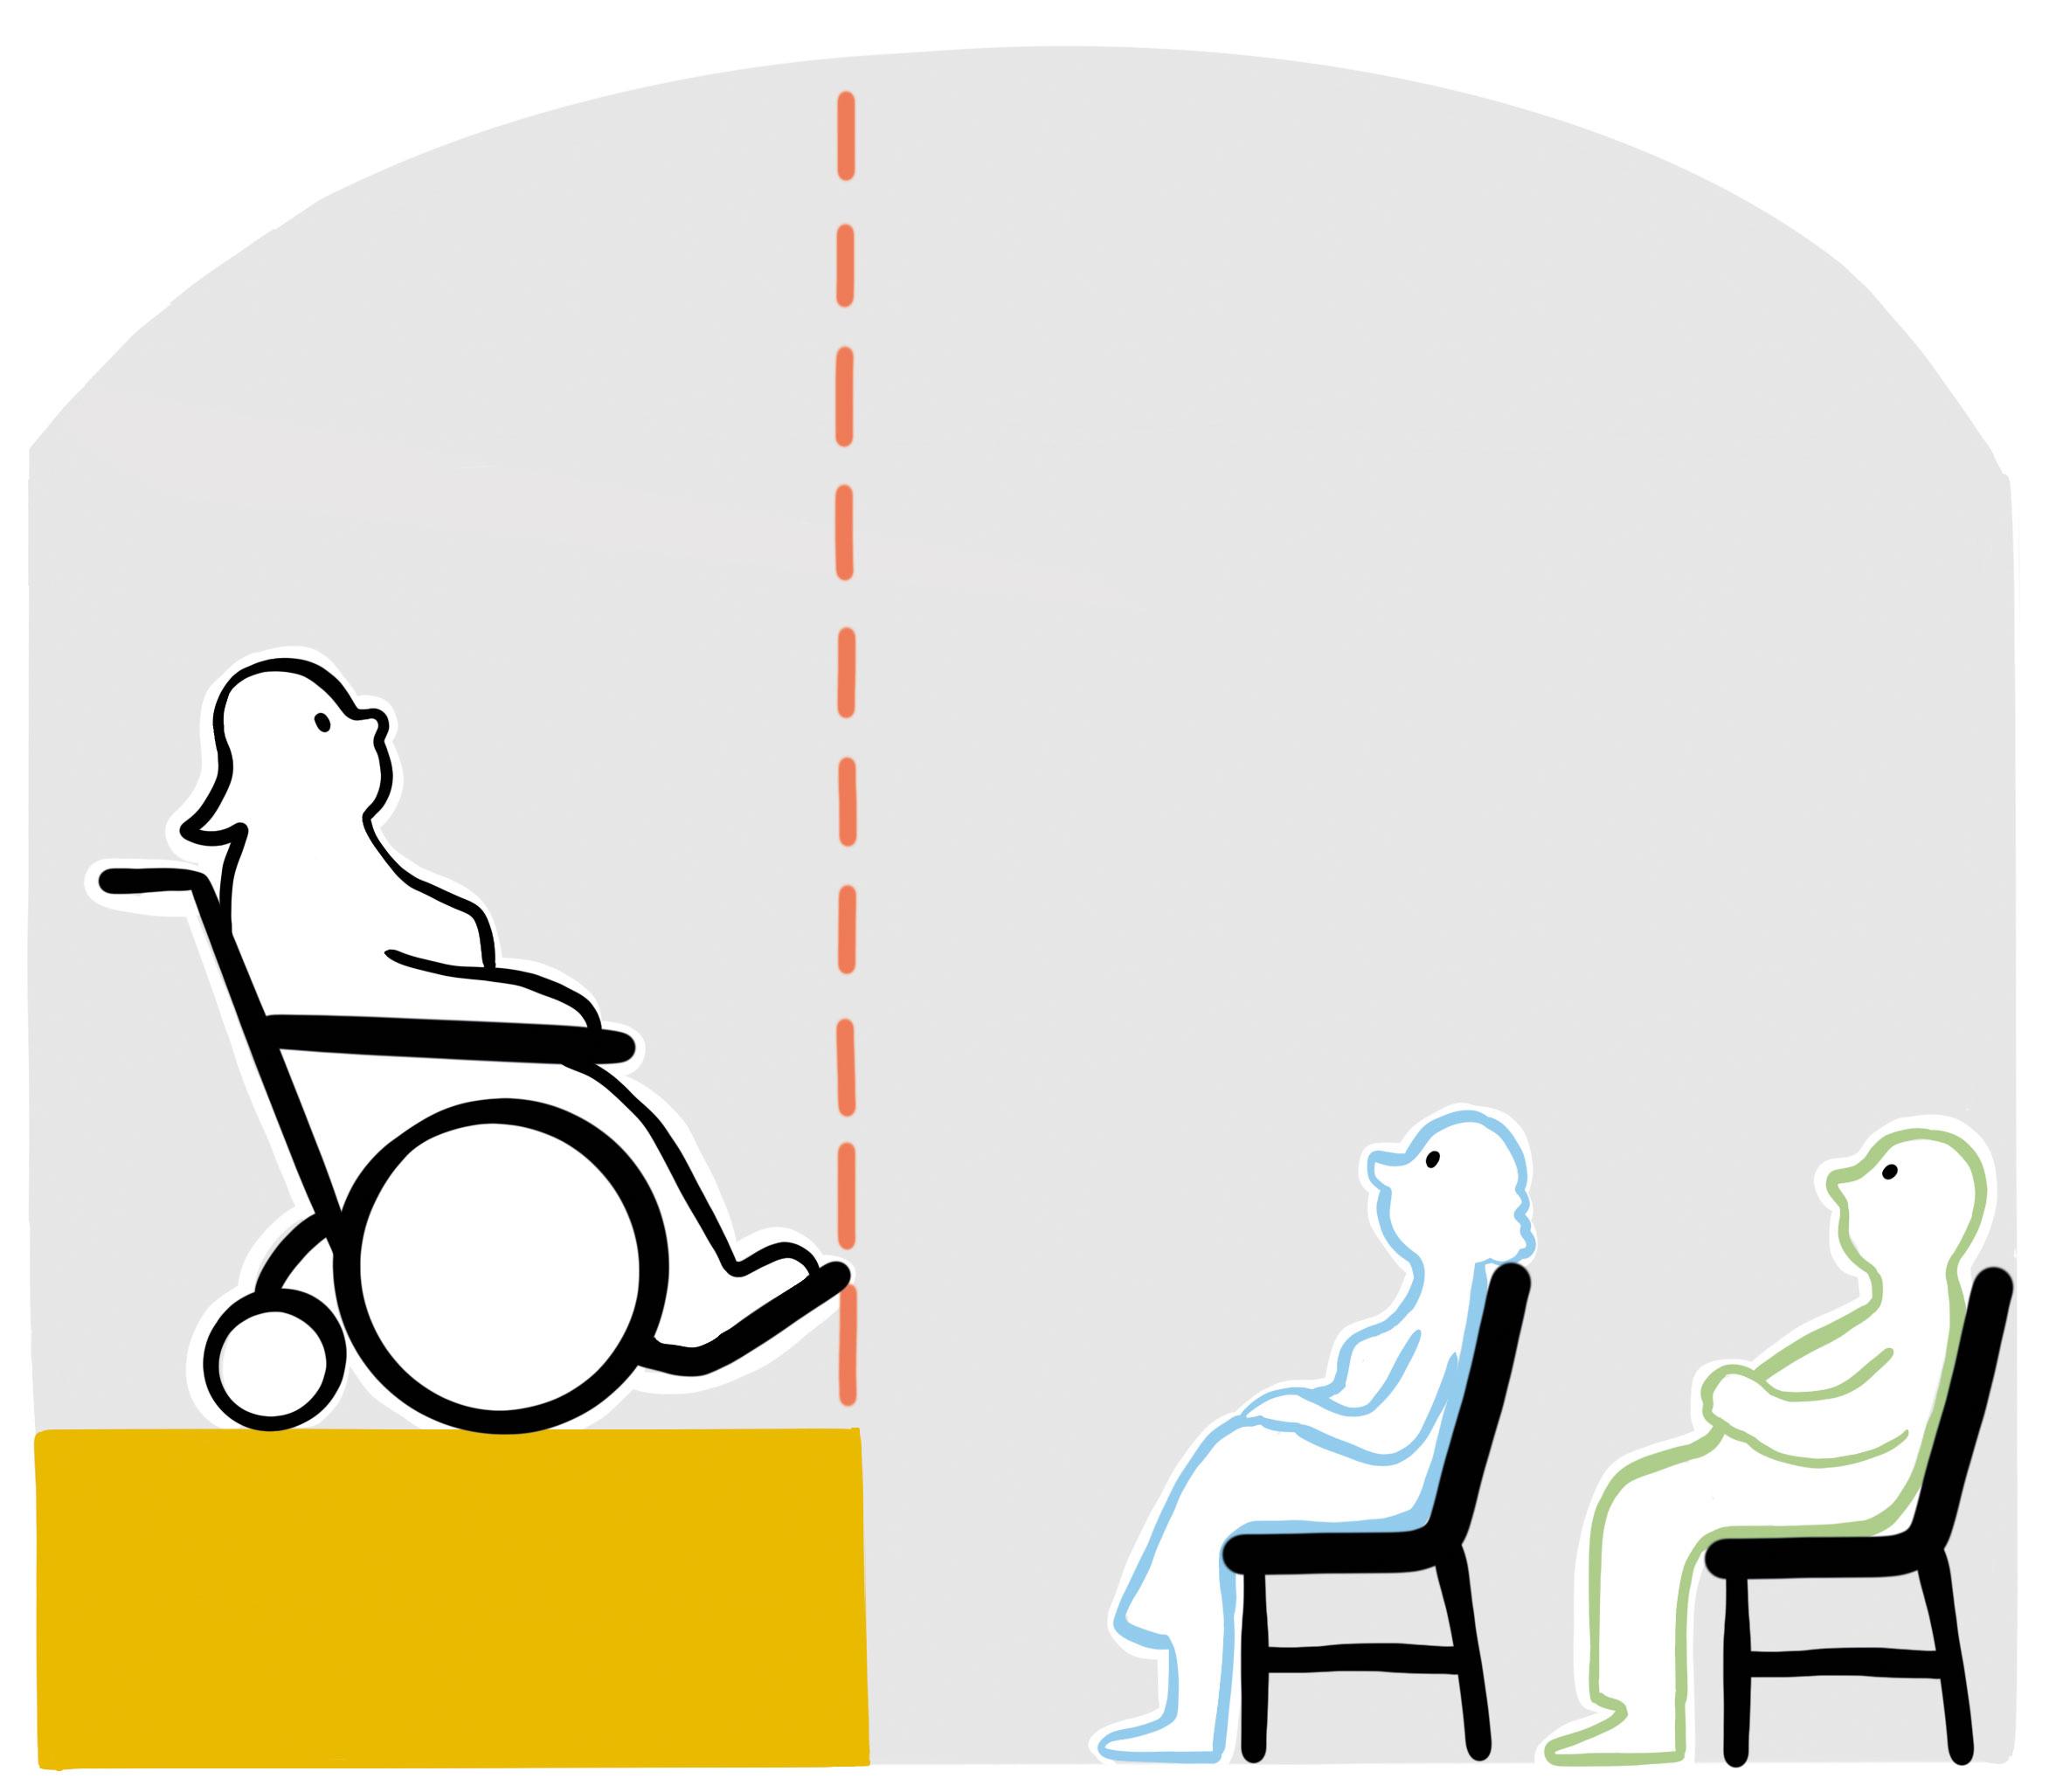 Frau im Rollstuhl steht am Rand einer Bühne. 2 Zuschauende schauen Frau an.